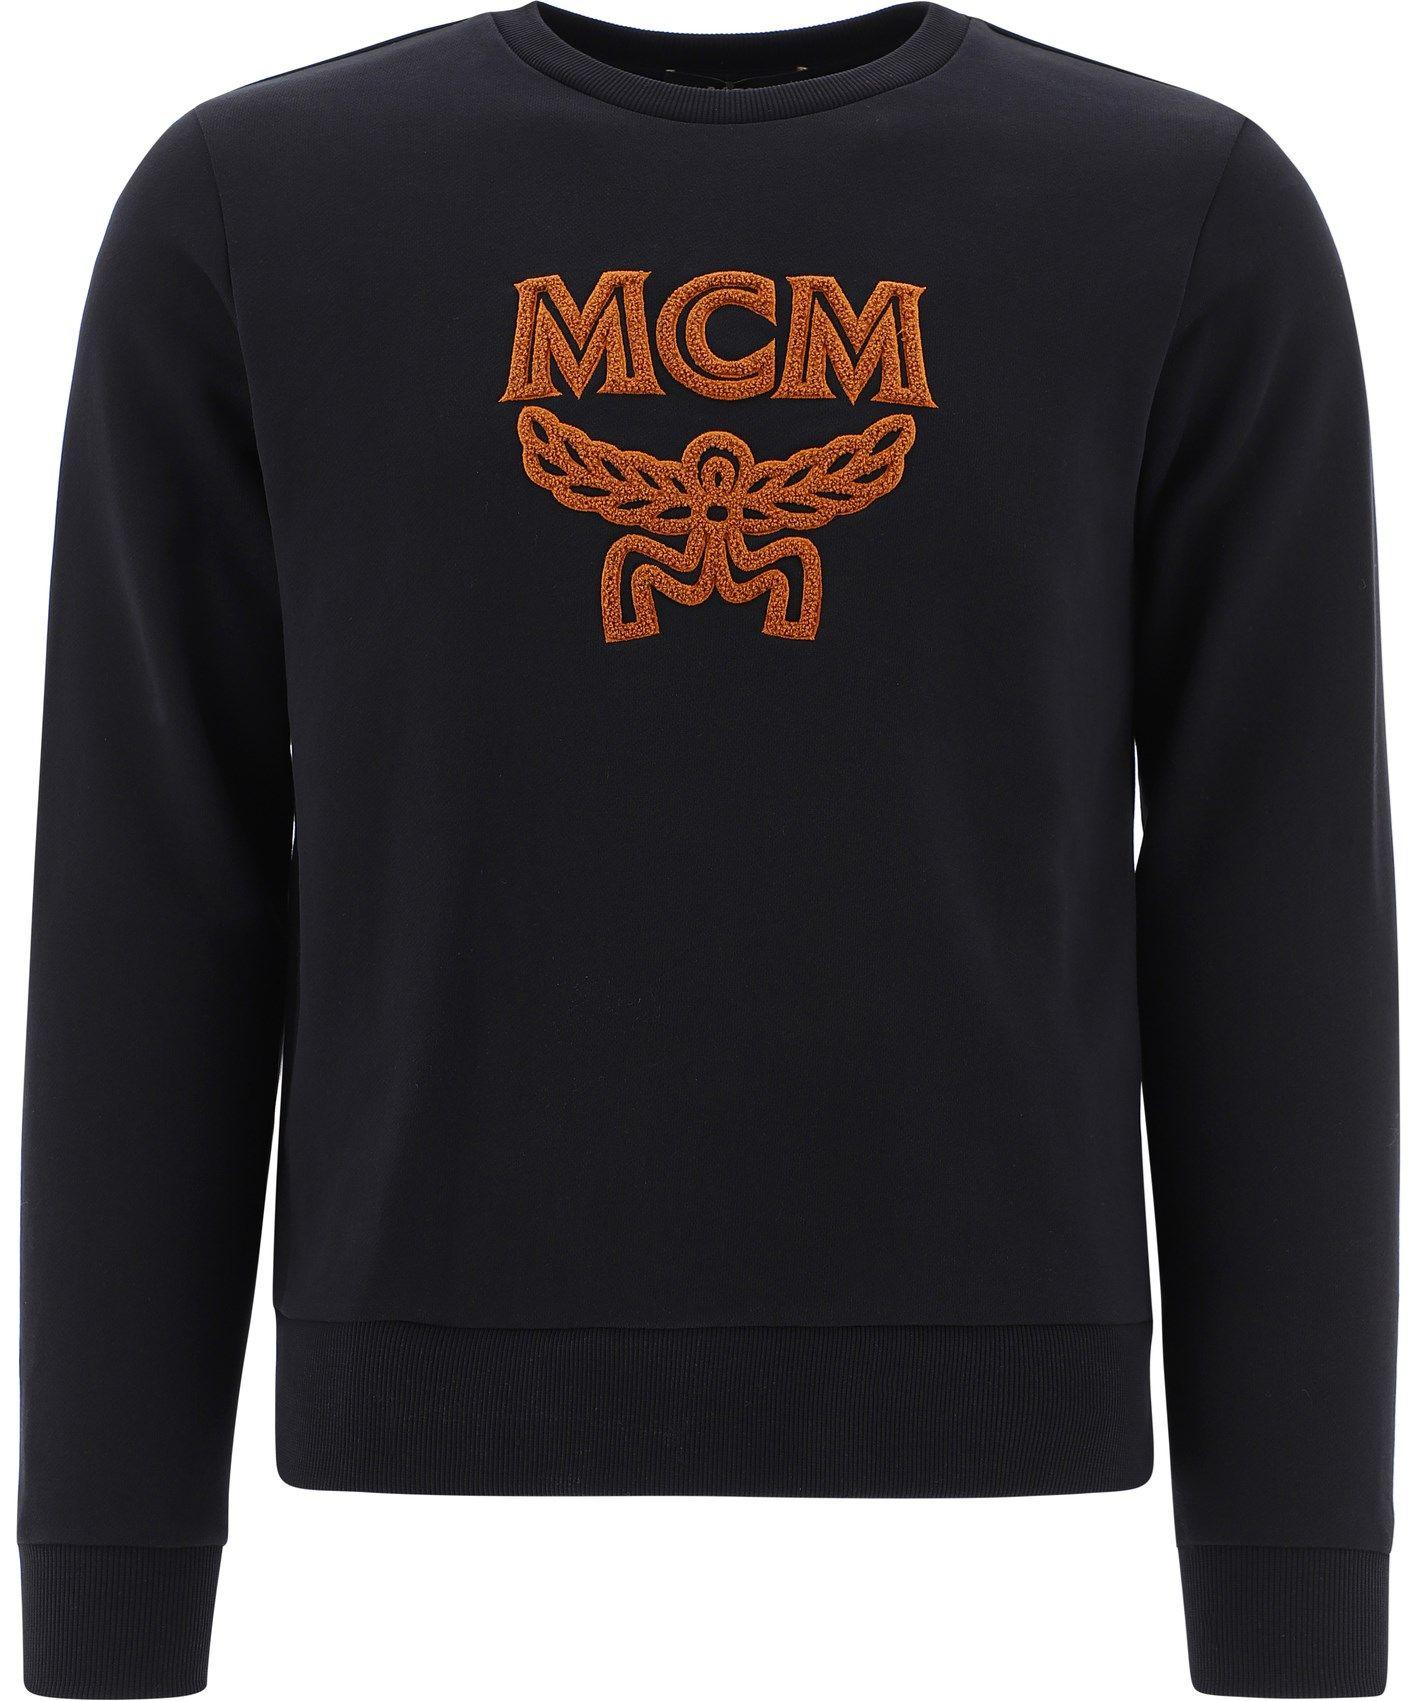 Mcm MCM MEN'S BLACK OTHER MATERIALS SWEATSHIRT